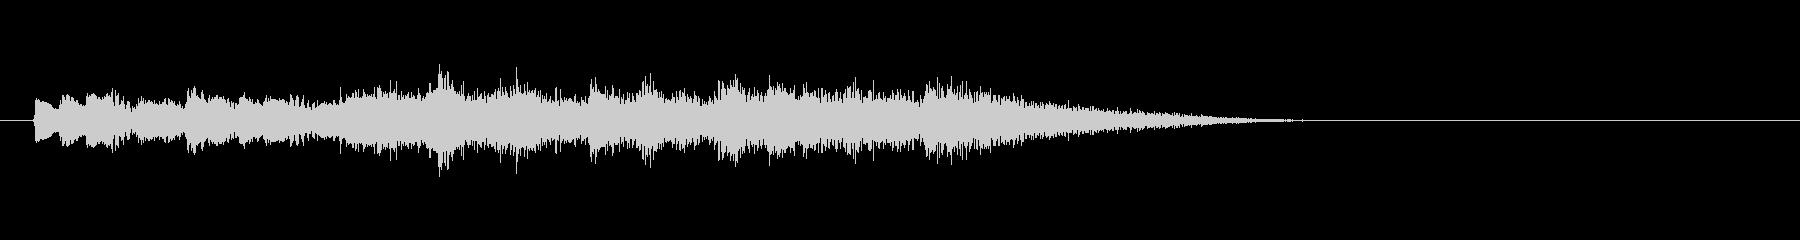 テーマ31:ピアノ、パーカッションの未再生の波形